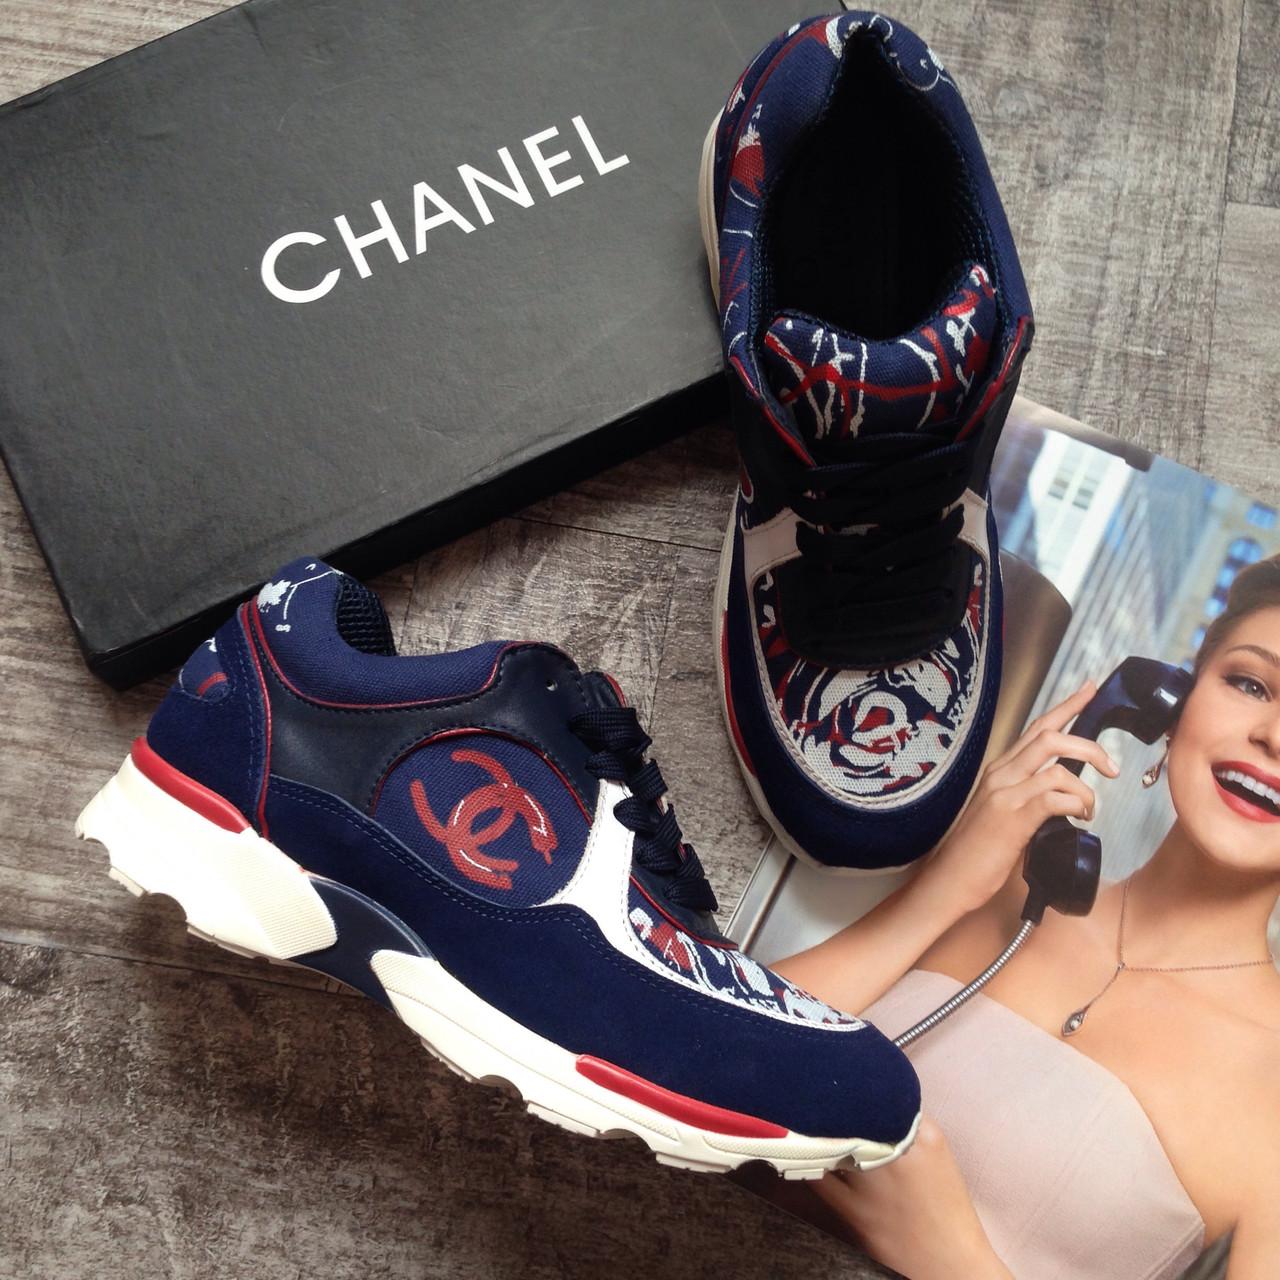 Женской синие темные кроссовки Chanel кросовки кожаные 37 размер -  butic case в Киеве 0c7904e0f86